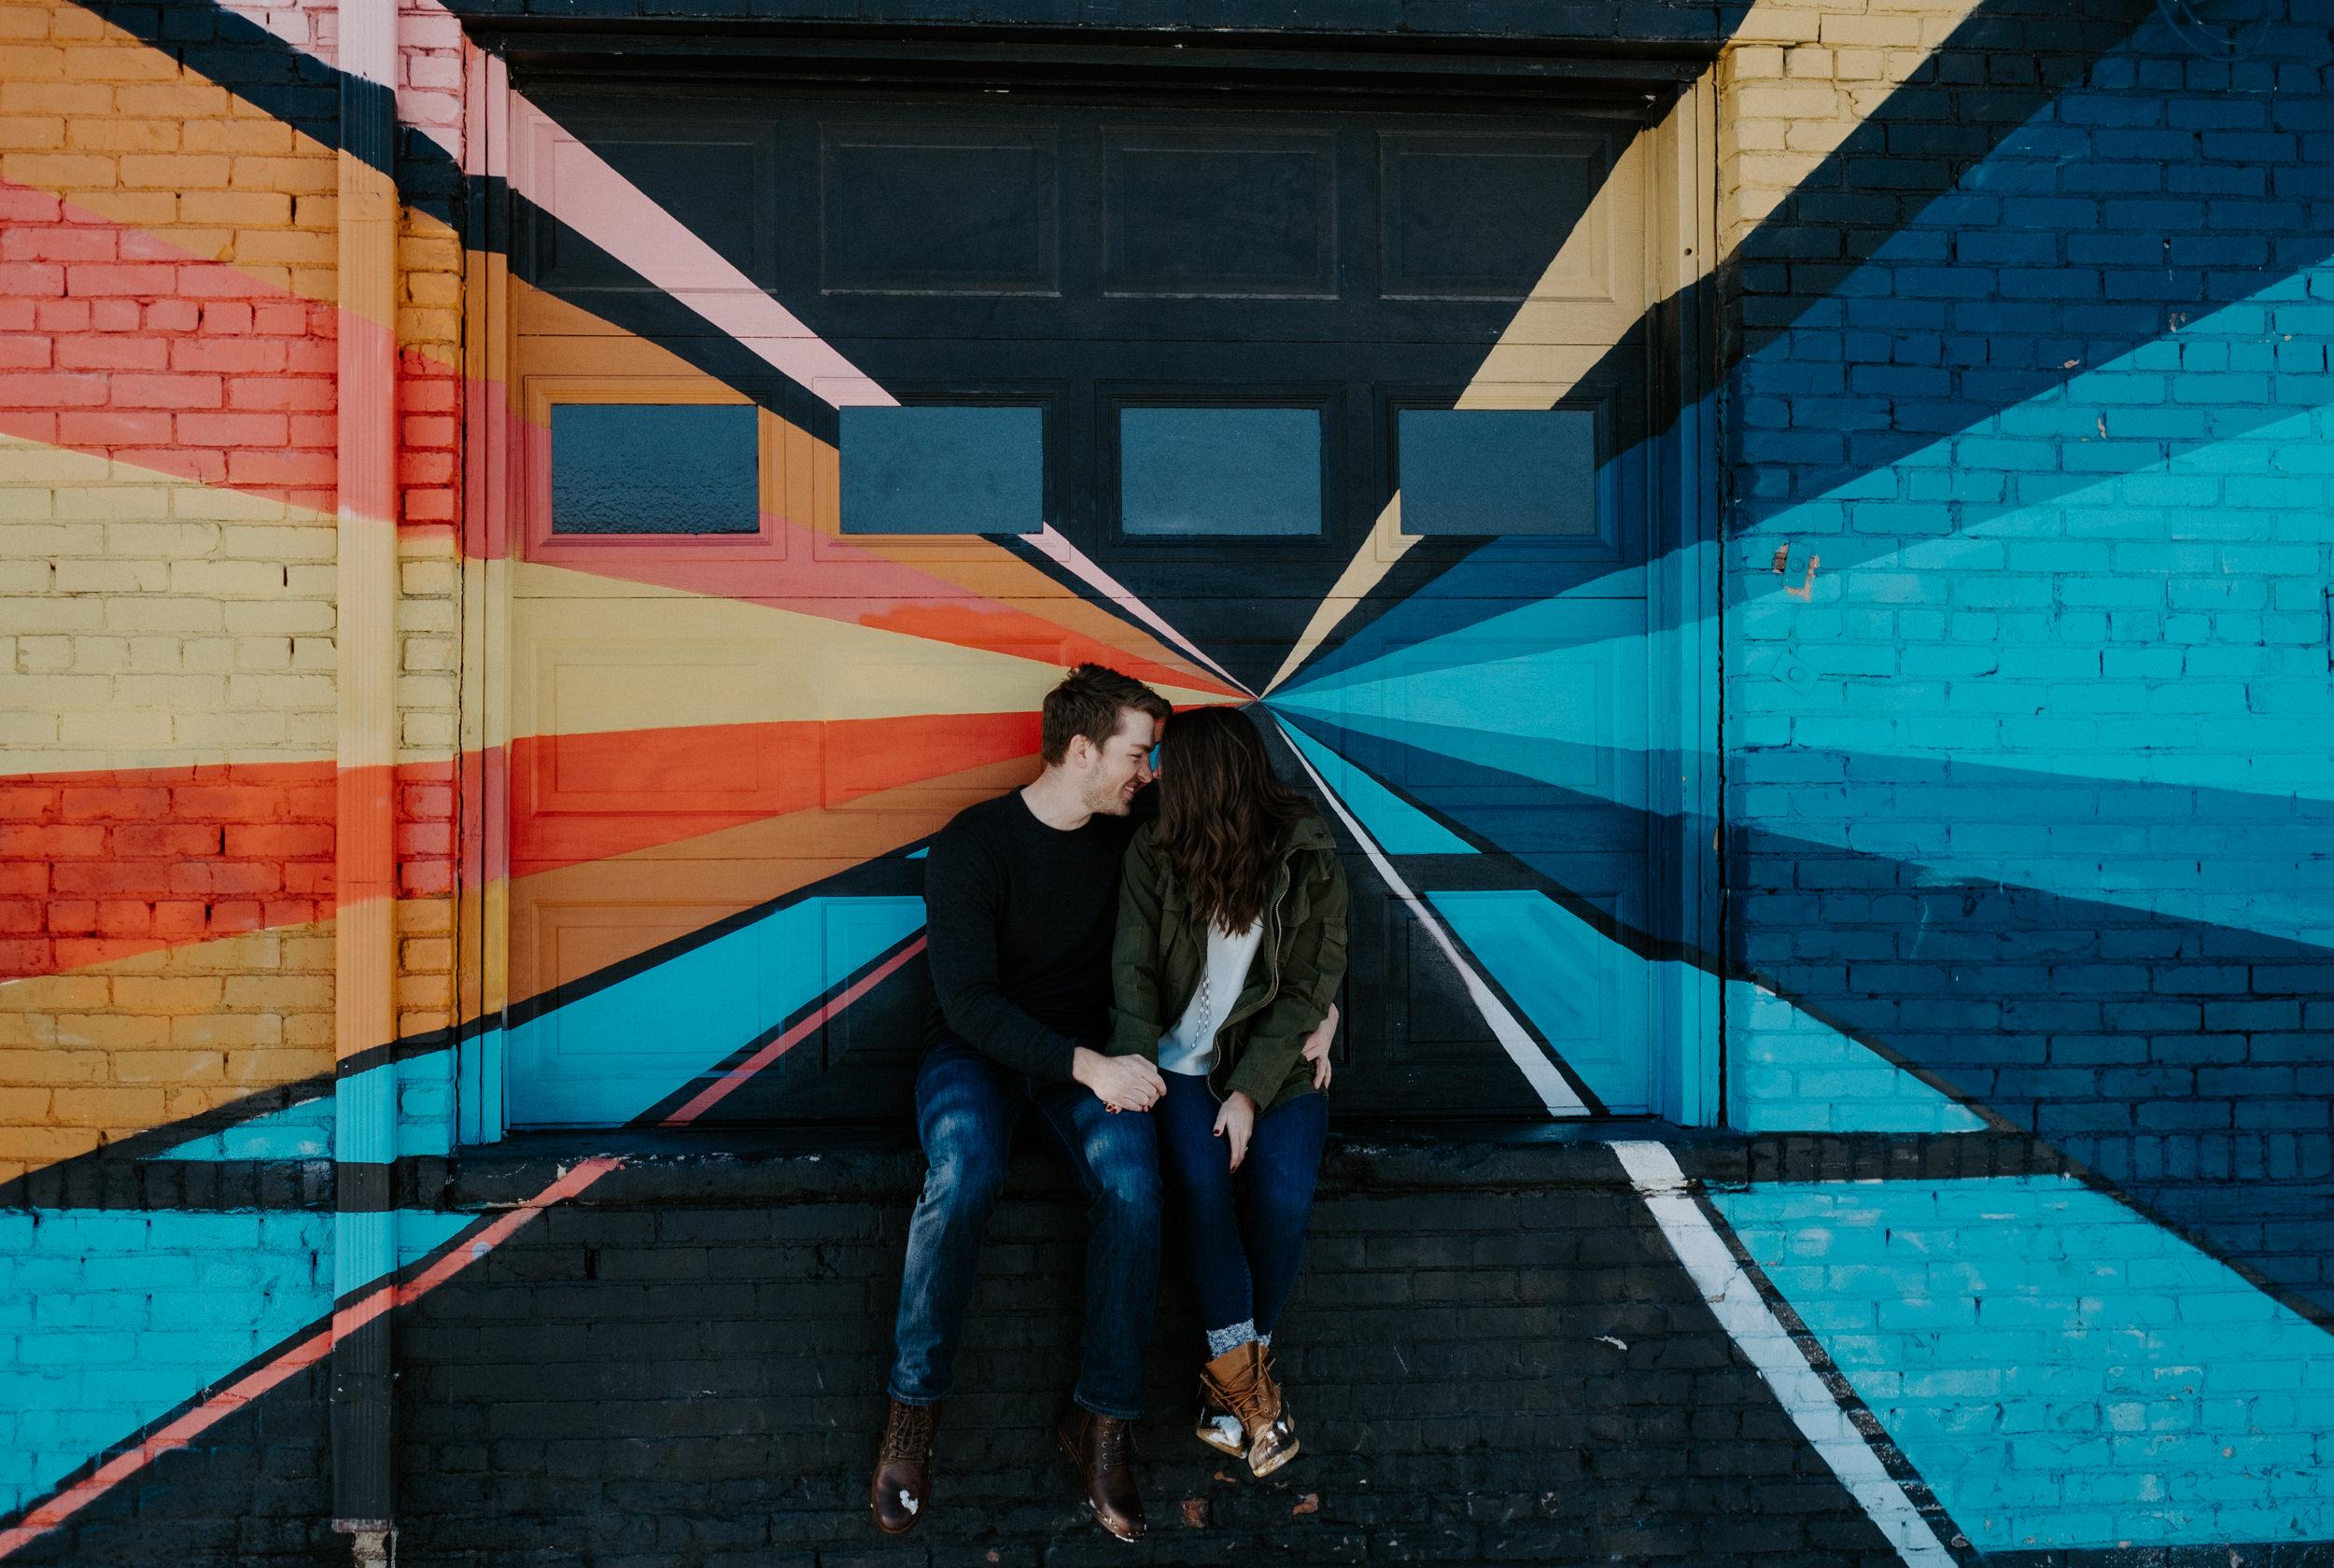 RiNo Denver urban engagement session. Colorado wedding photographer. Denver engagement photos. City engagement session inspiration.